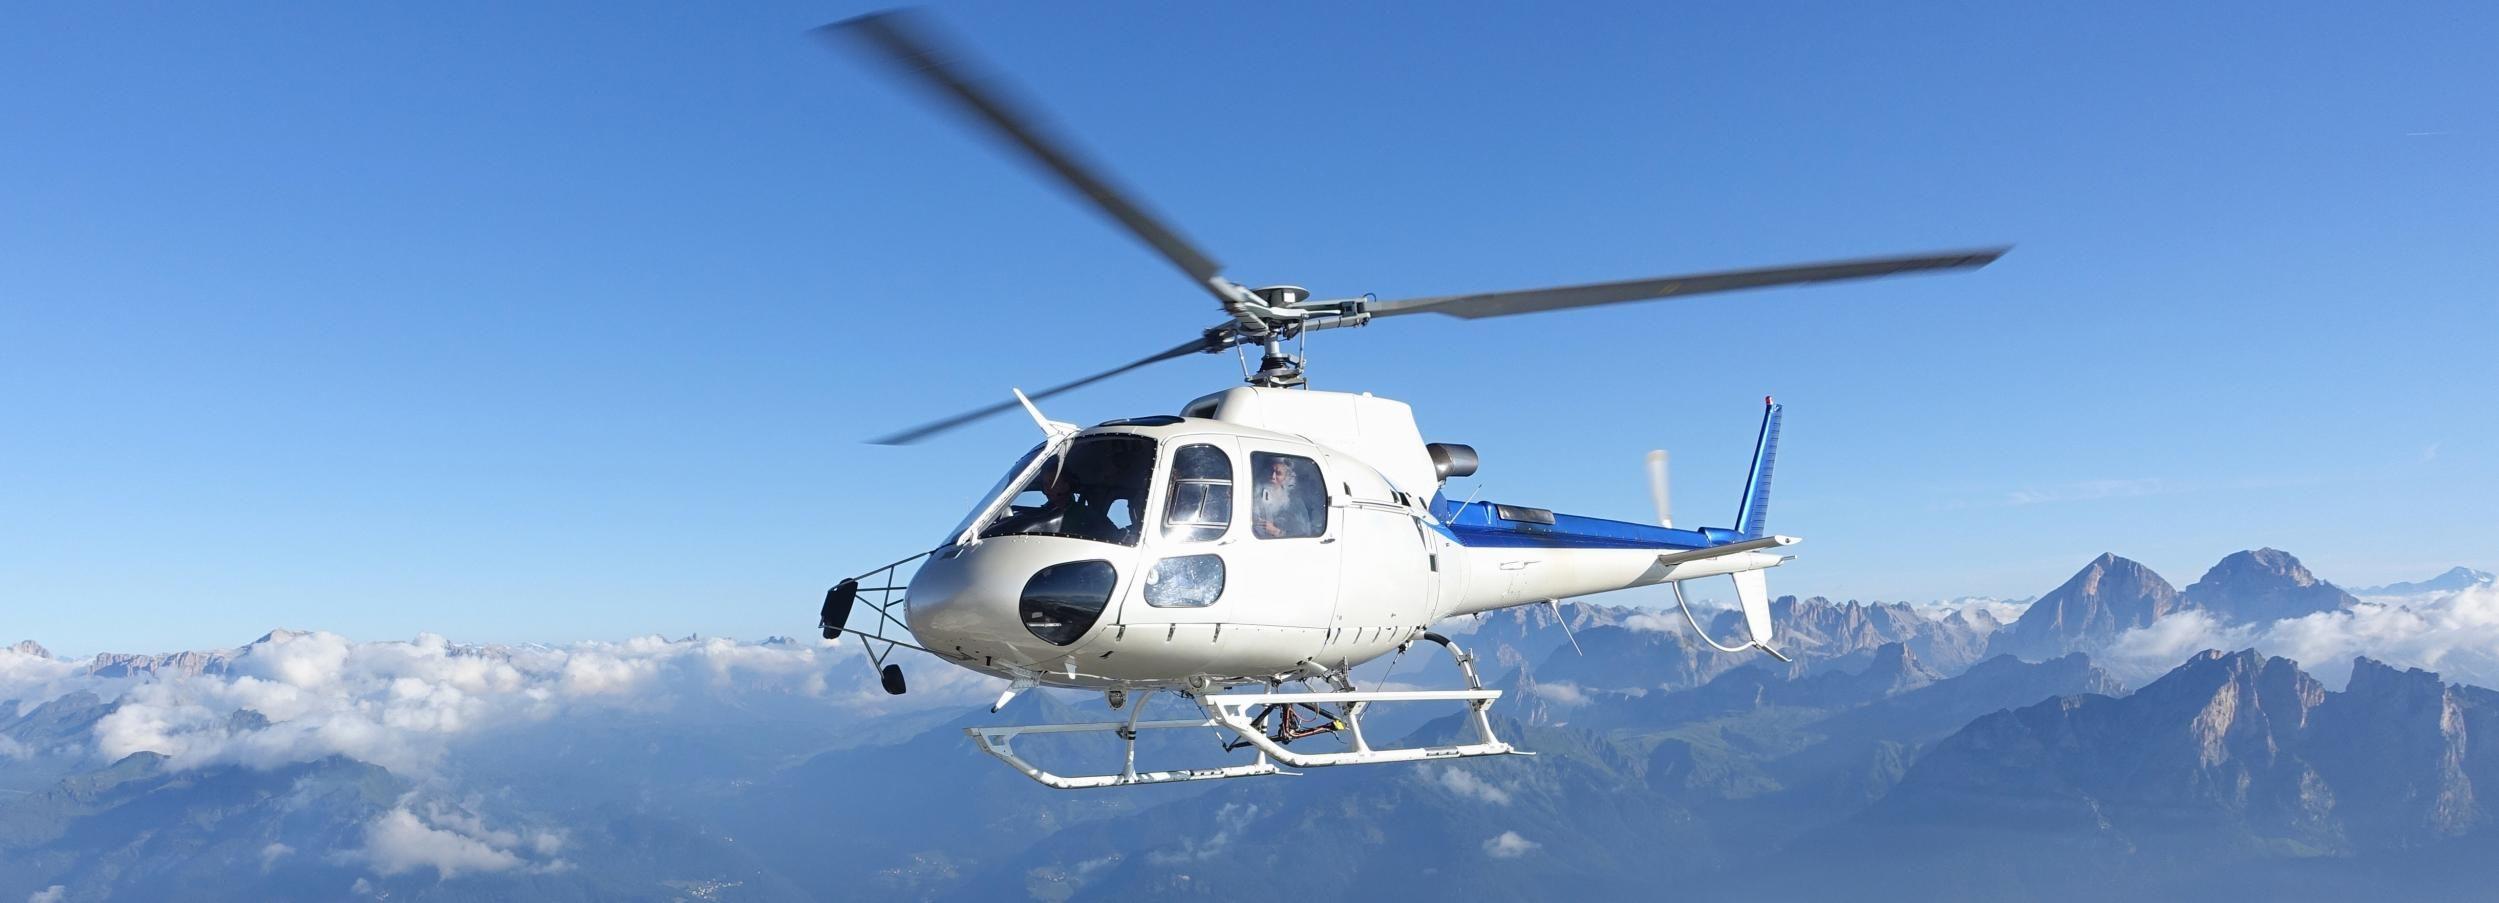 Bern: Privater 75-minütiger Matterhorn-Hubschrauberflug